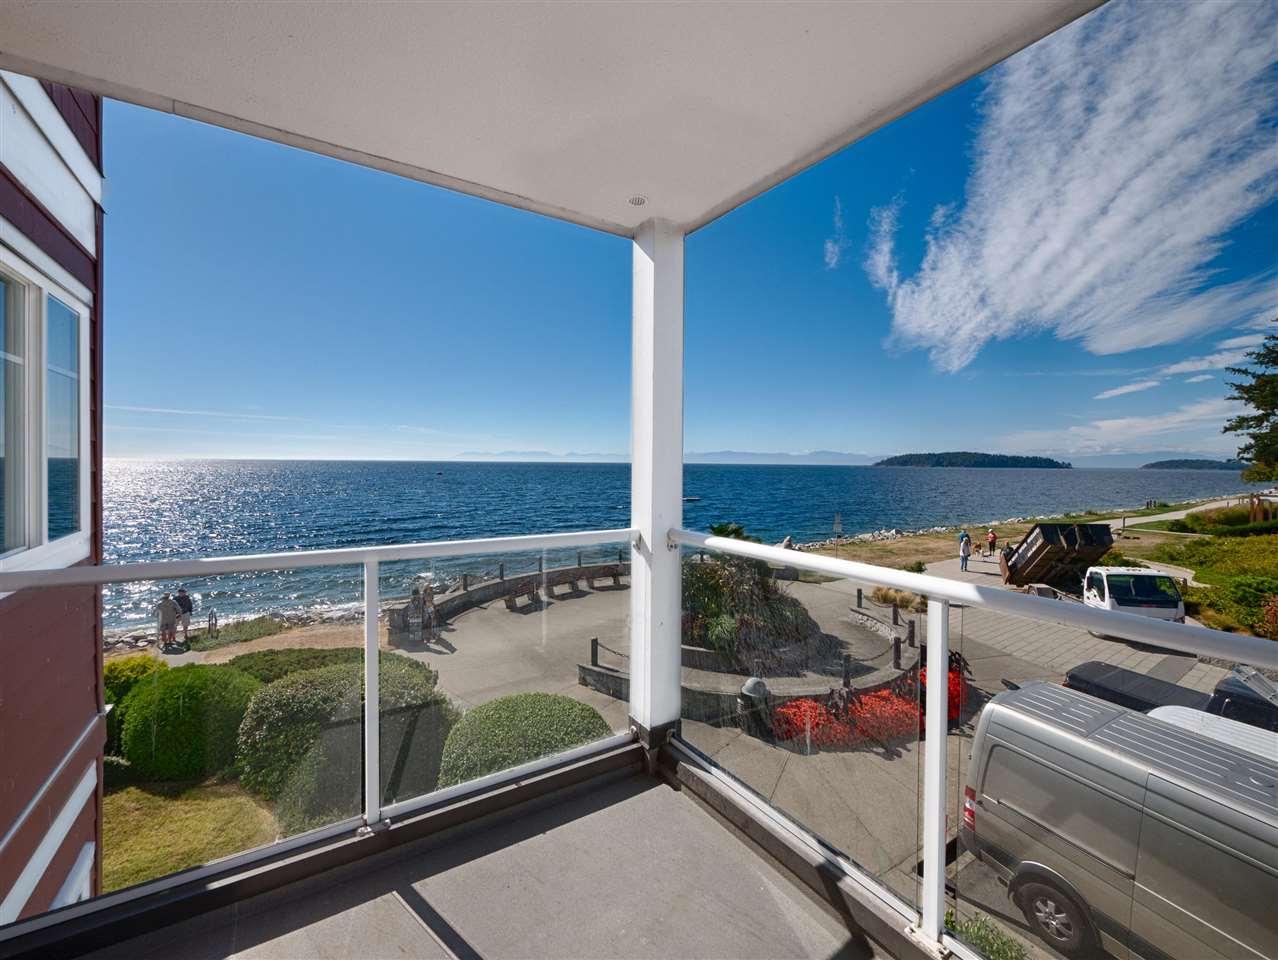 Condo Apartment at 208 5470 INLET AVENUE, Unit 208, Sunshine Coast, British Columbia. Image 1